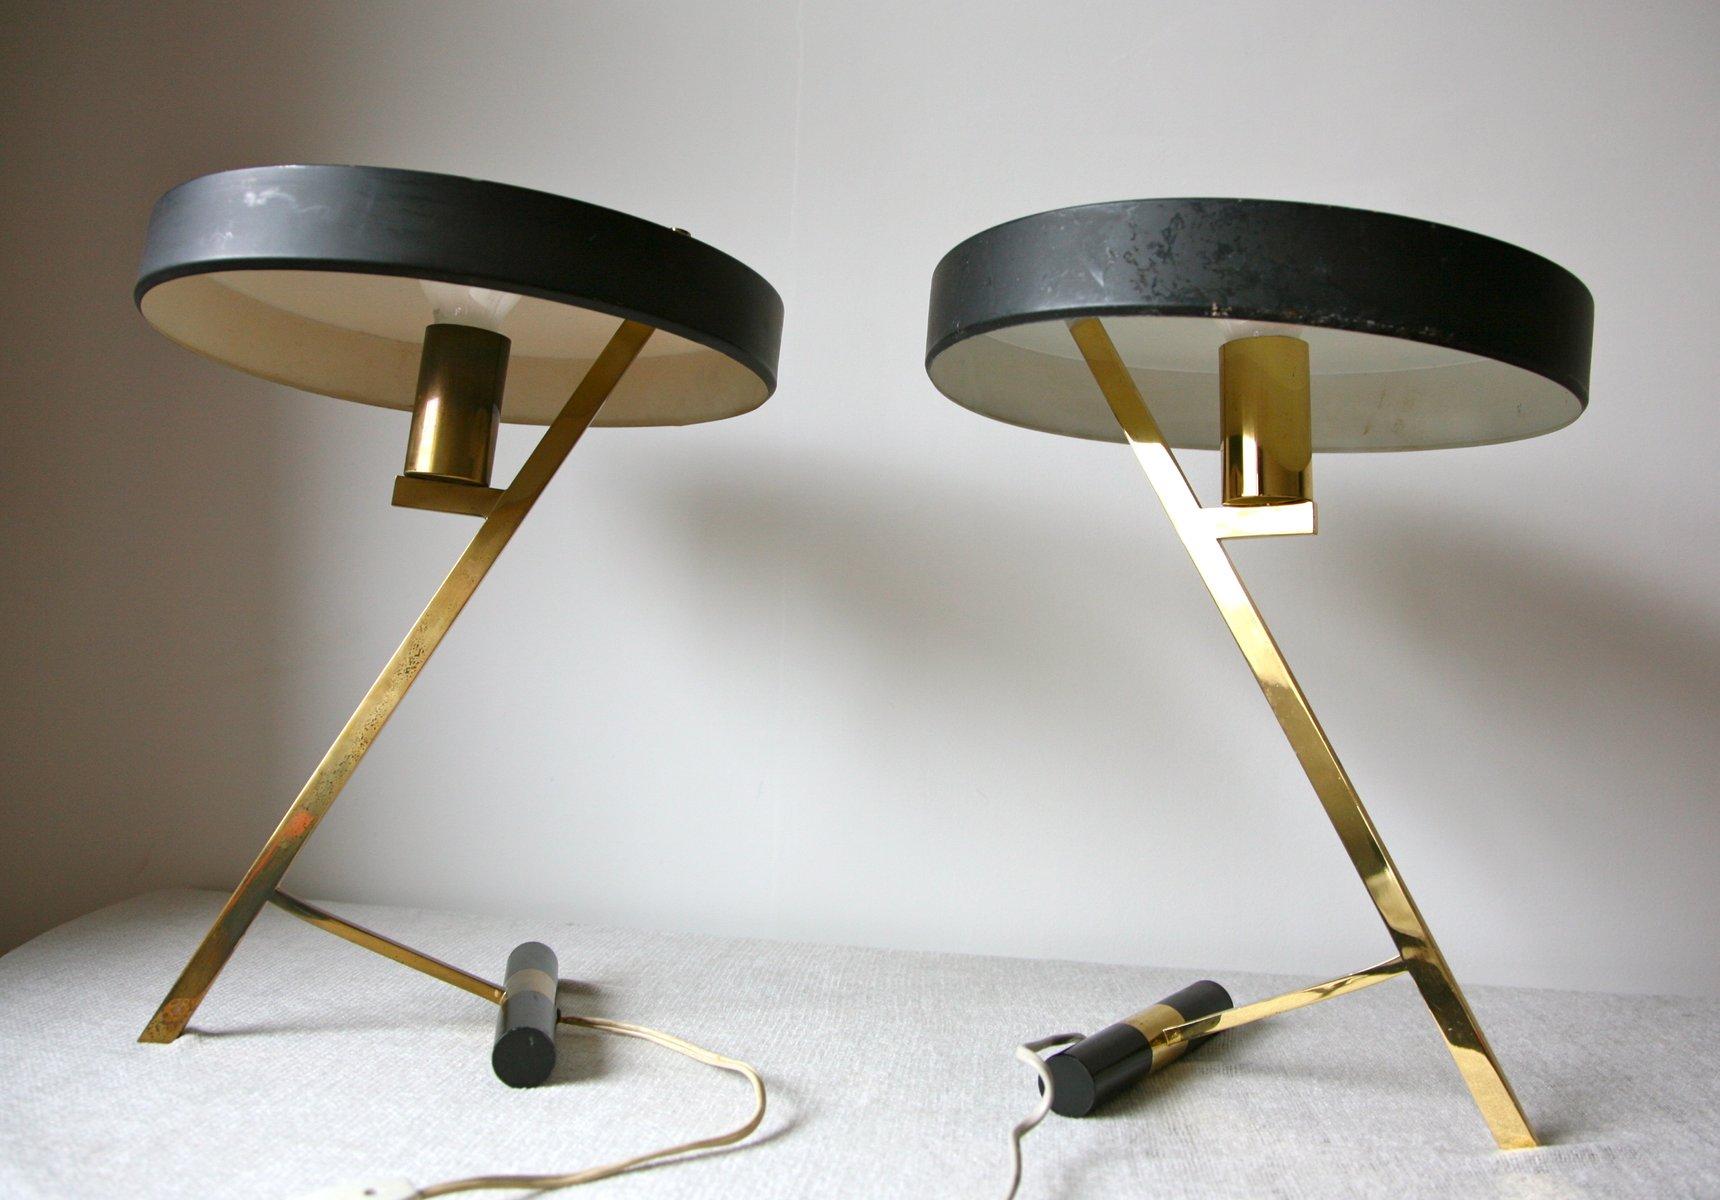 Z Schreibtischlampe von Louis Kalff für Philips House, 1950er